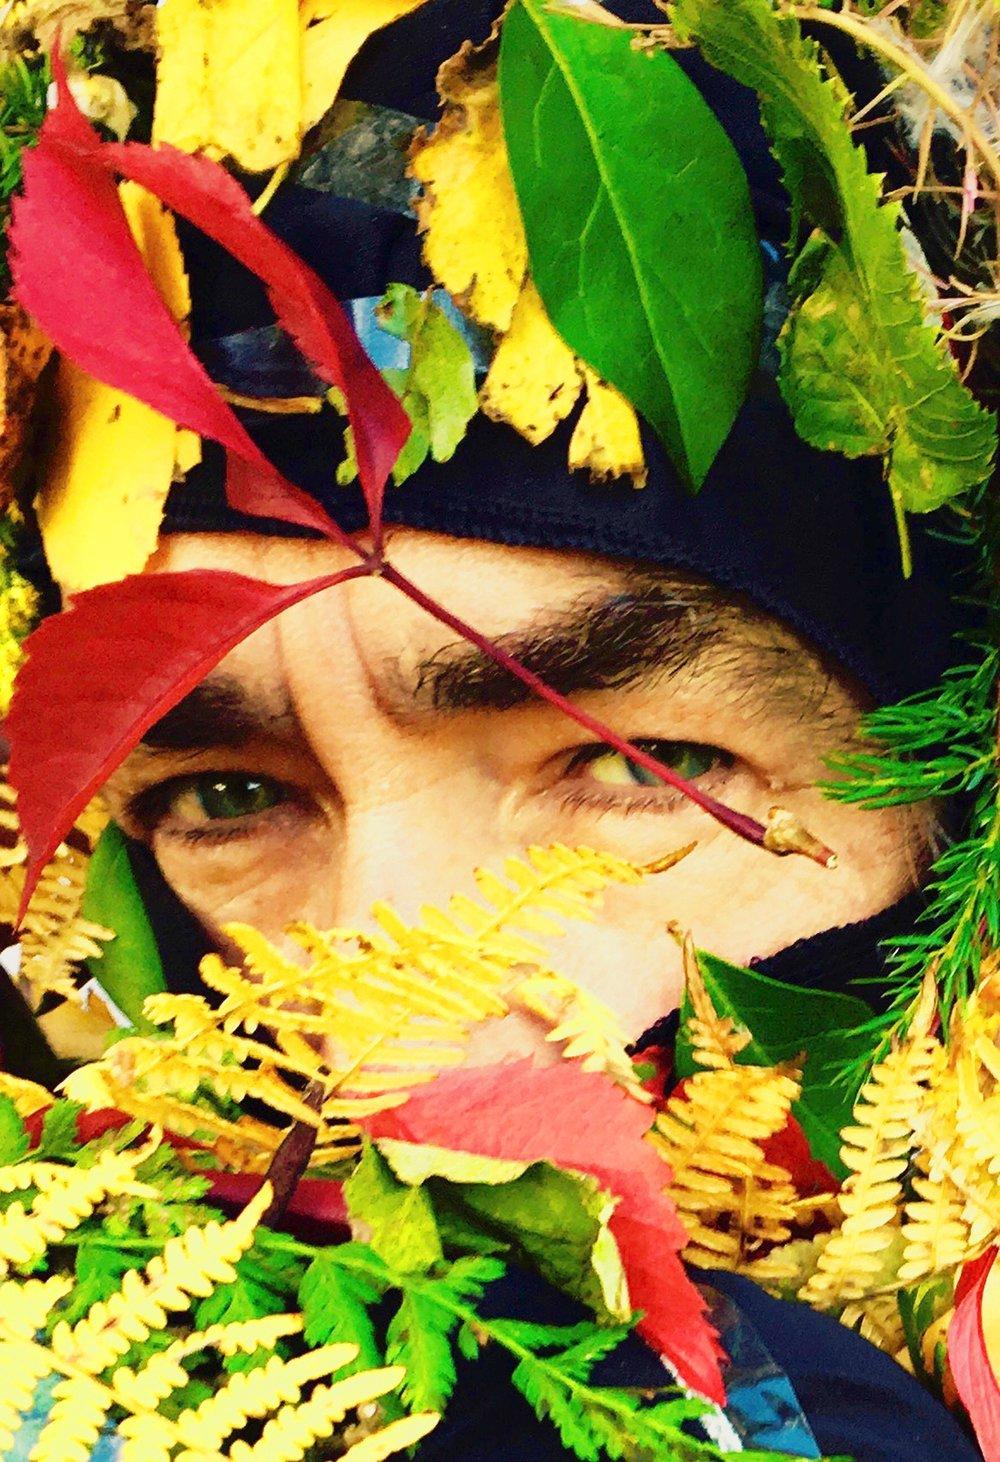 Jean-Louis Murat bien planqué sous les feuilles pour accompagner son nouvel album.